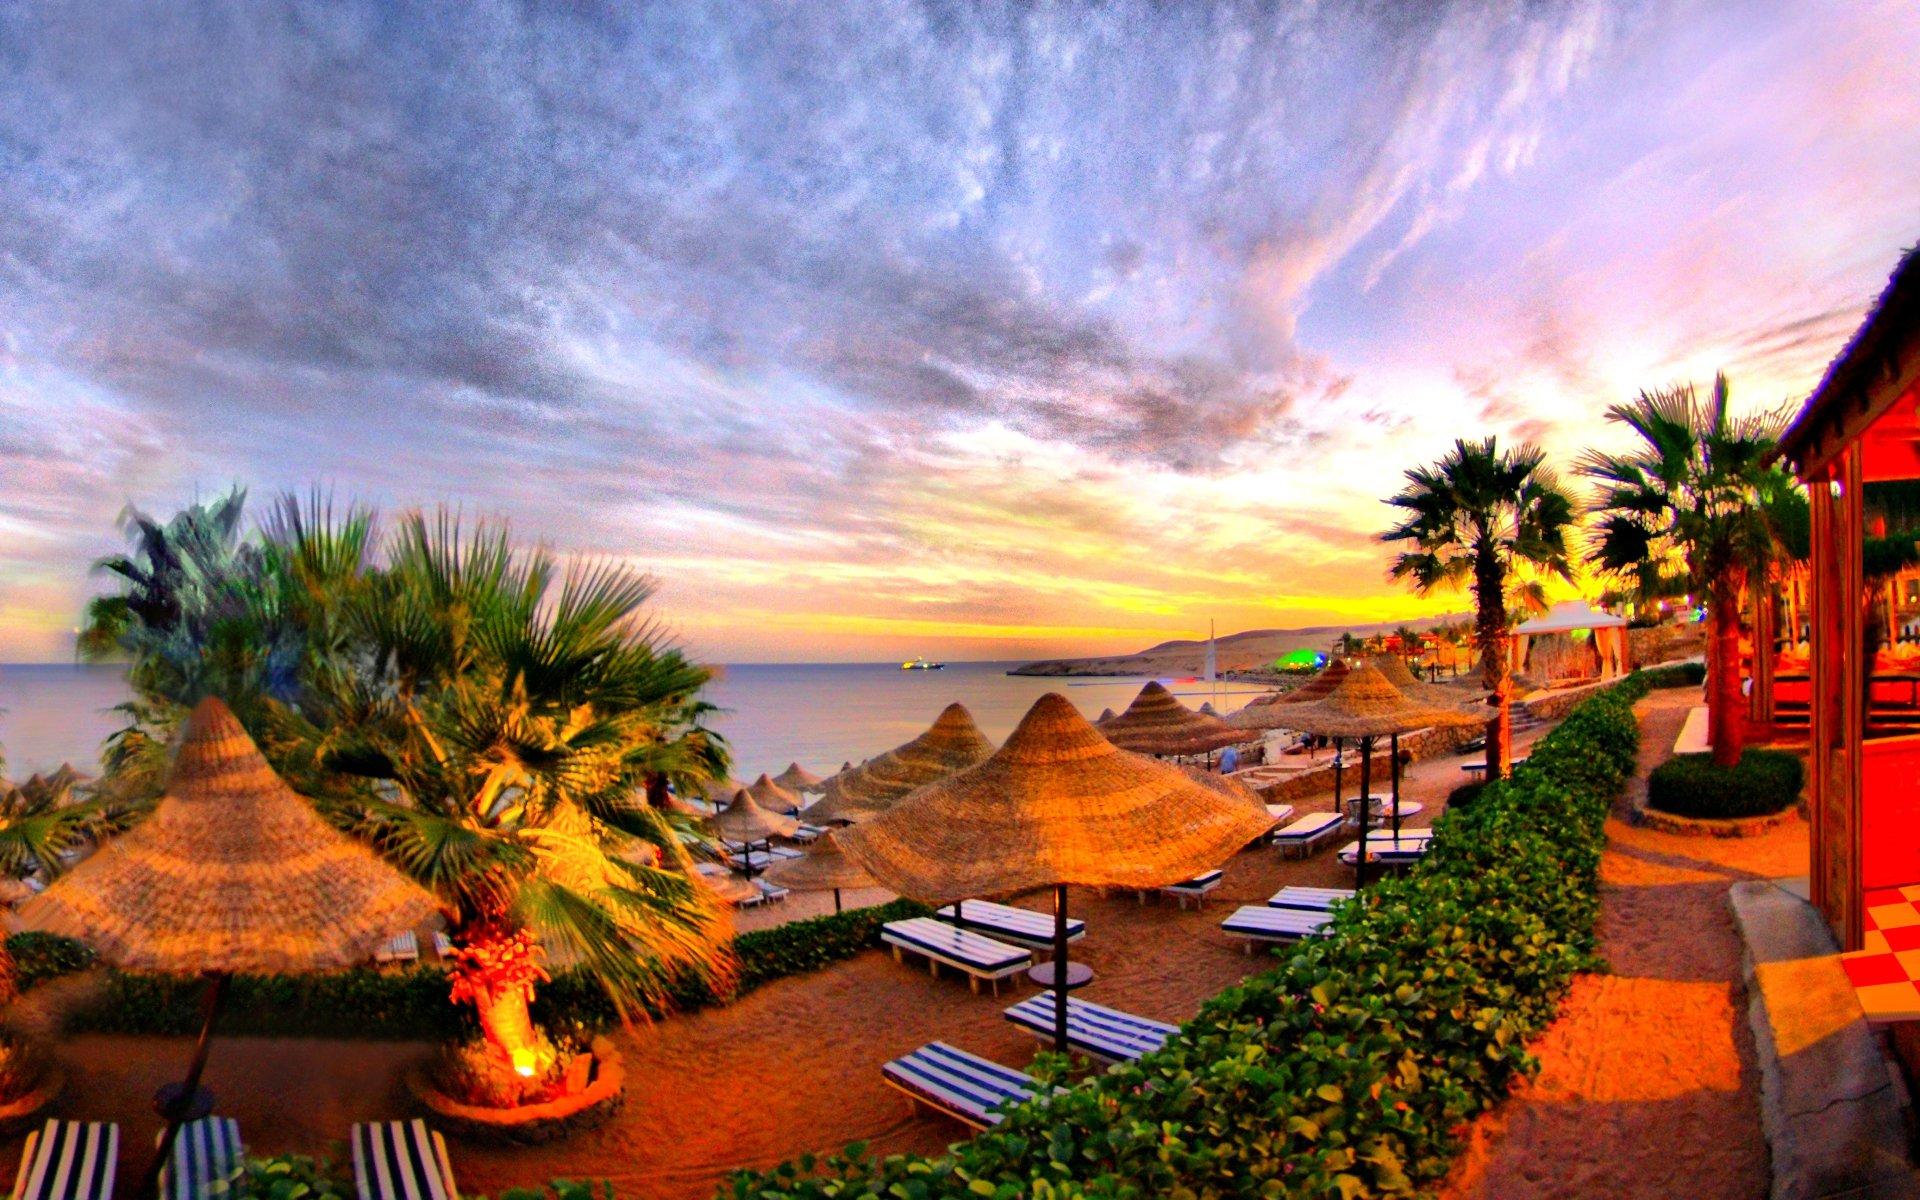 摄影 - 热带  天空 Summer 日落 棕榈 度假酒店 壁纸